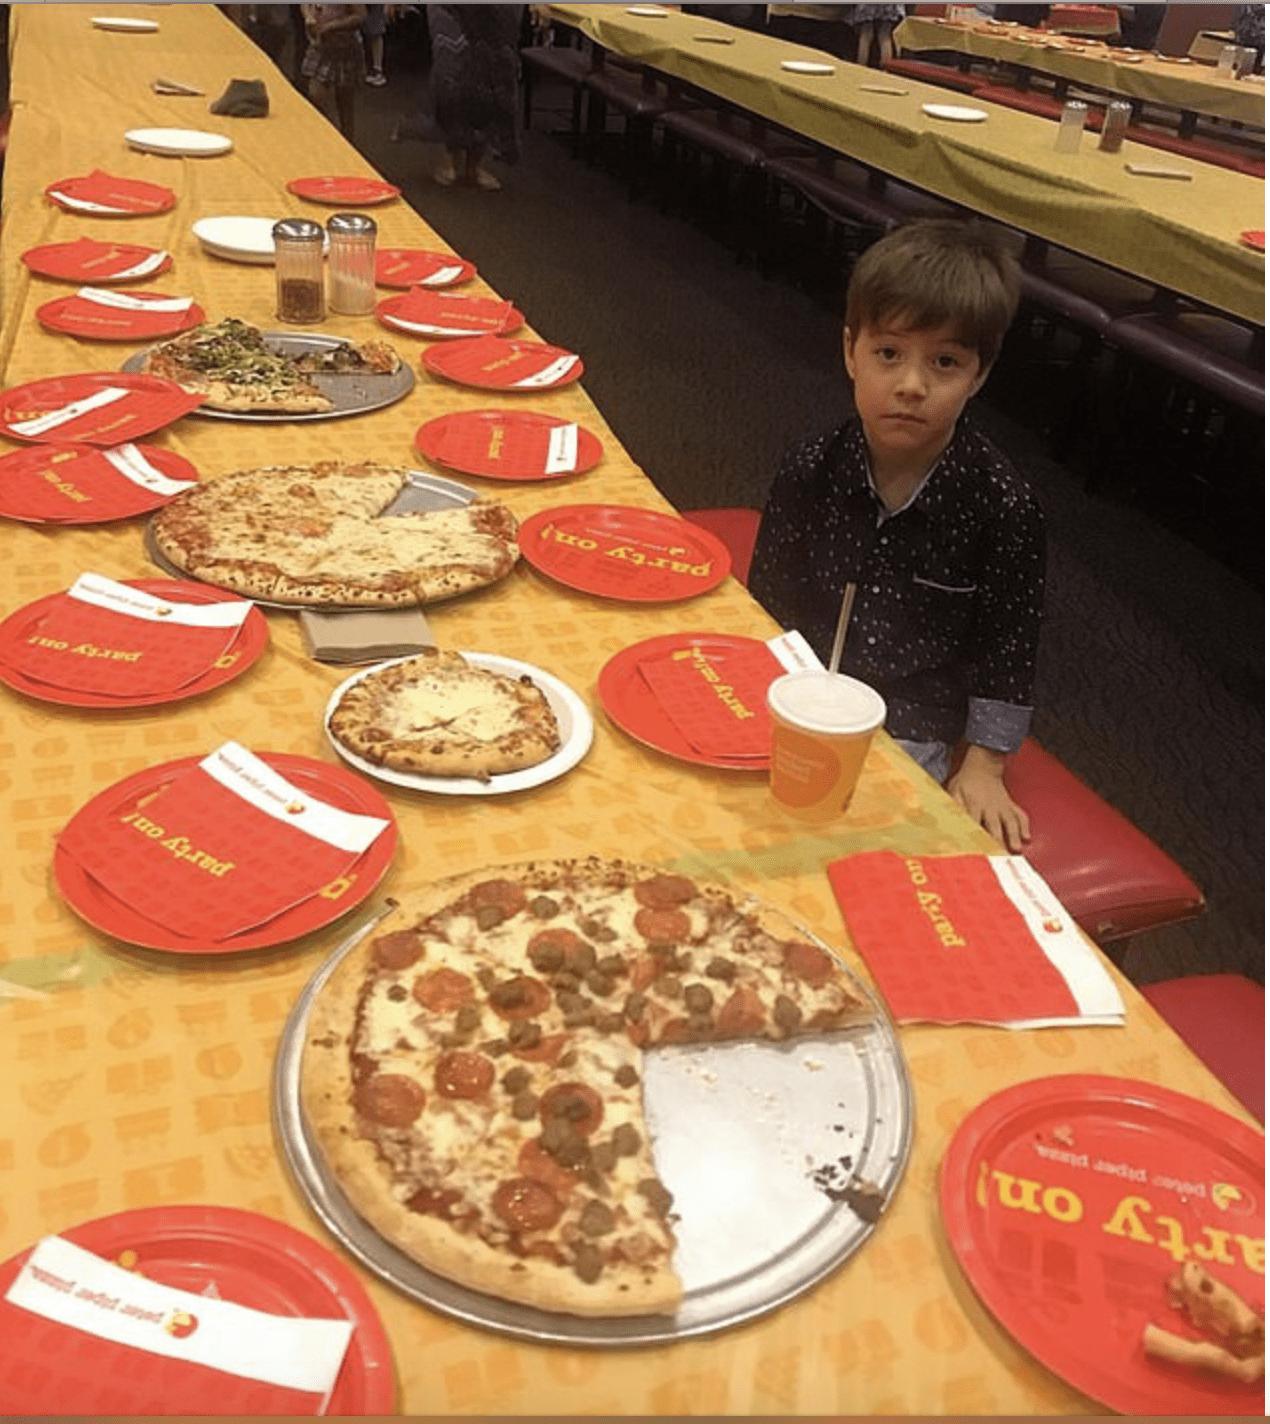 Invita 32 compagni alla festa di compleanno ma nessuno si presenta